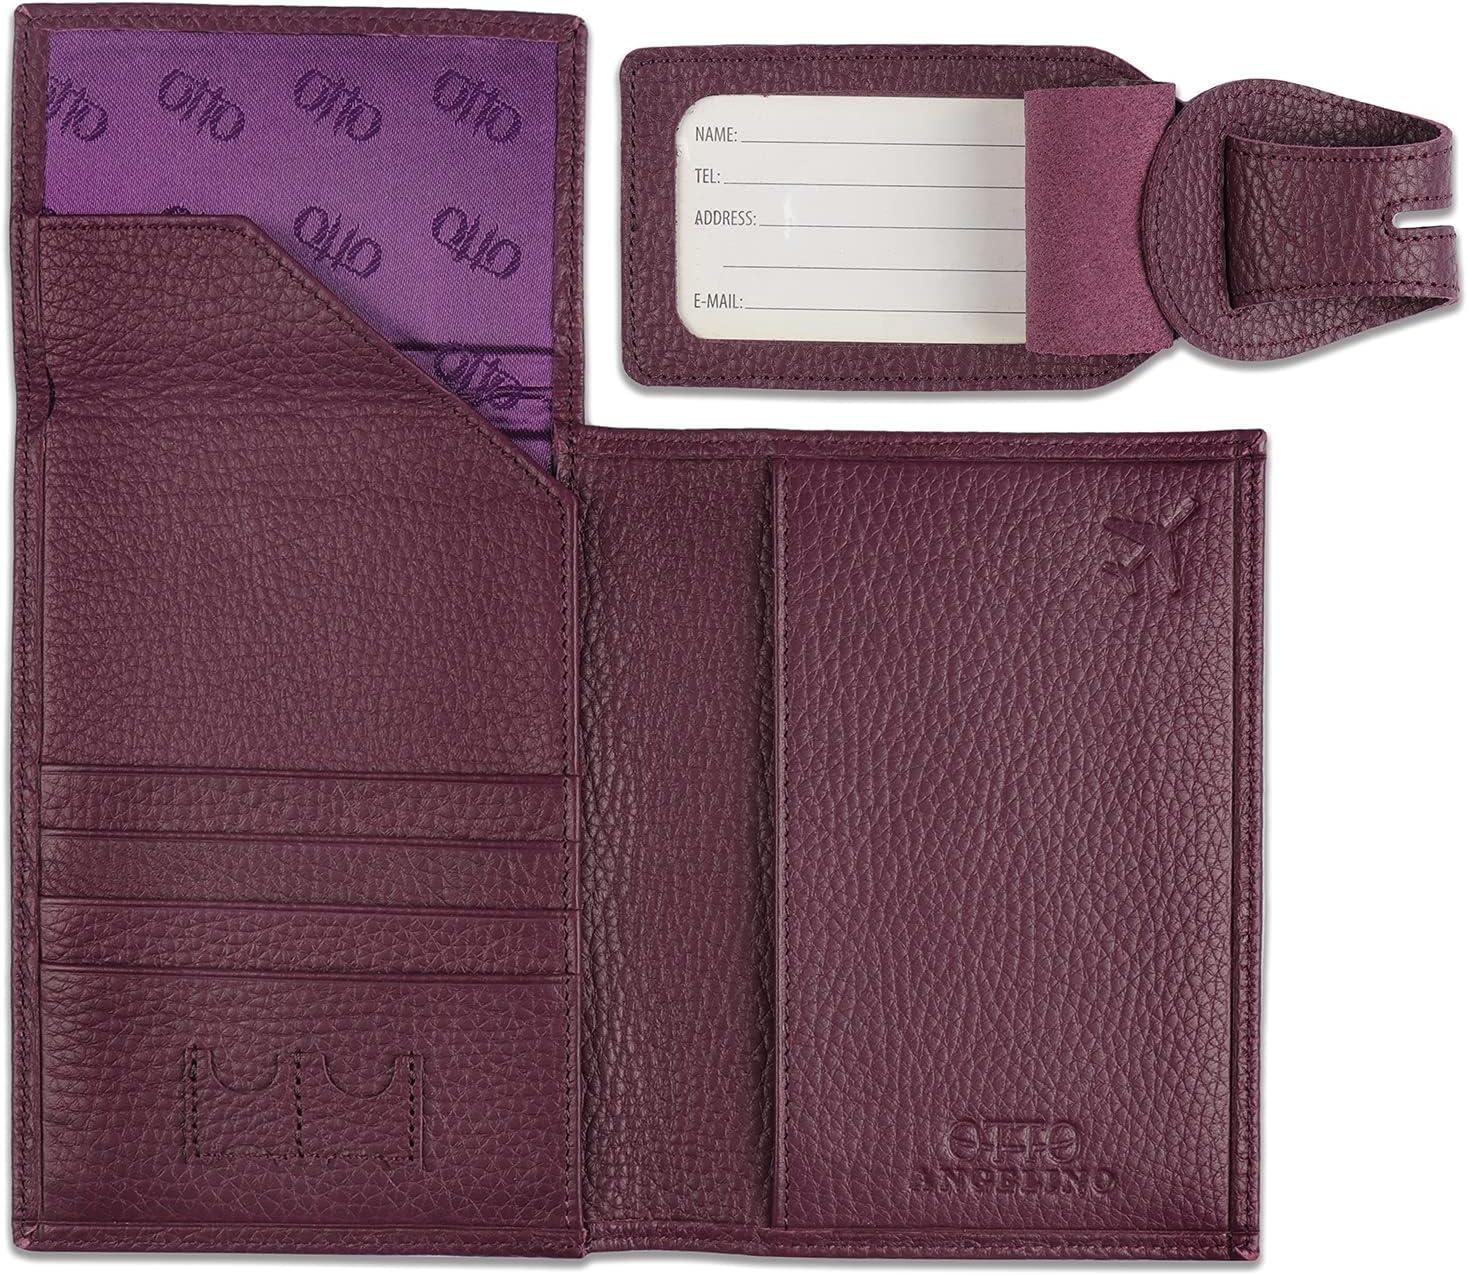 Otto Angelino Porta Pasaporte de Cuero Real - Bloqueo de RFID, Compartimiento para Billetes de avión, Etiquetas para Equipaje, Unisex